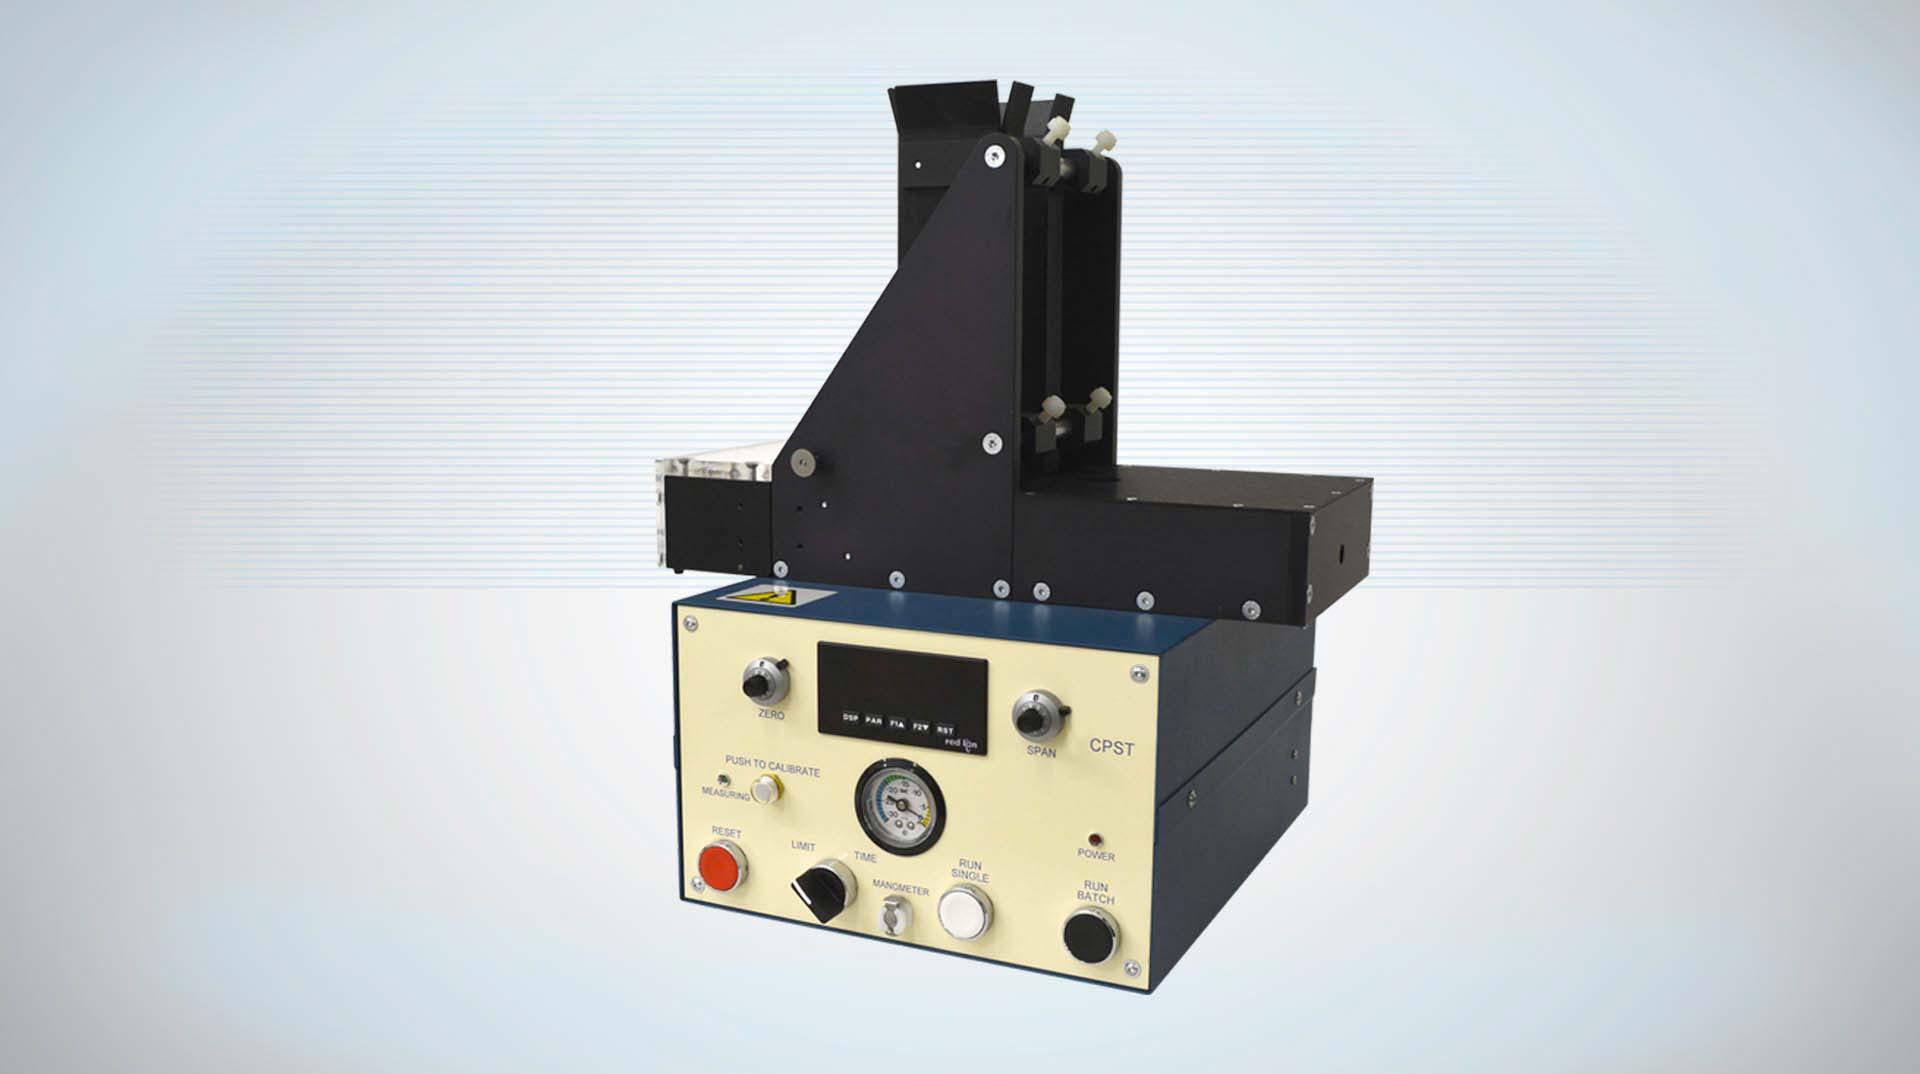 Pack Seal Testing Range - Physical Testing